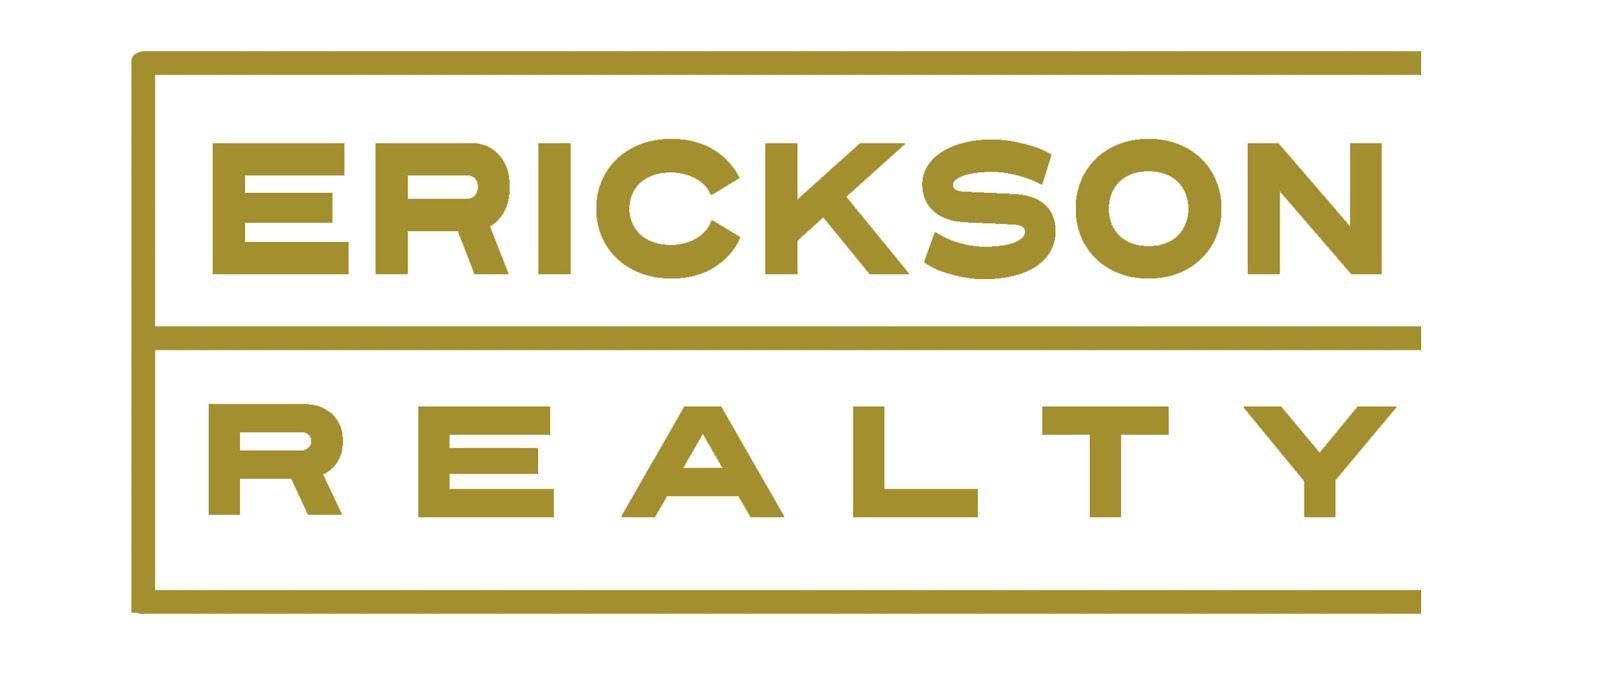 Erickson Realty